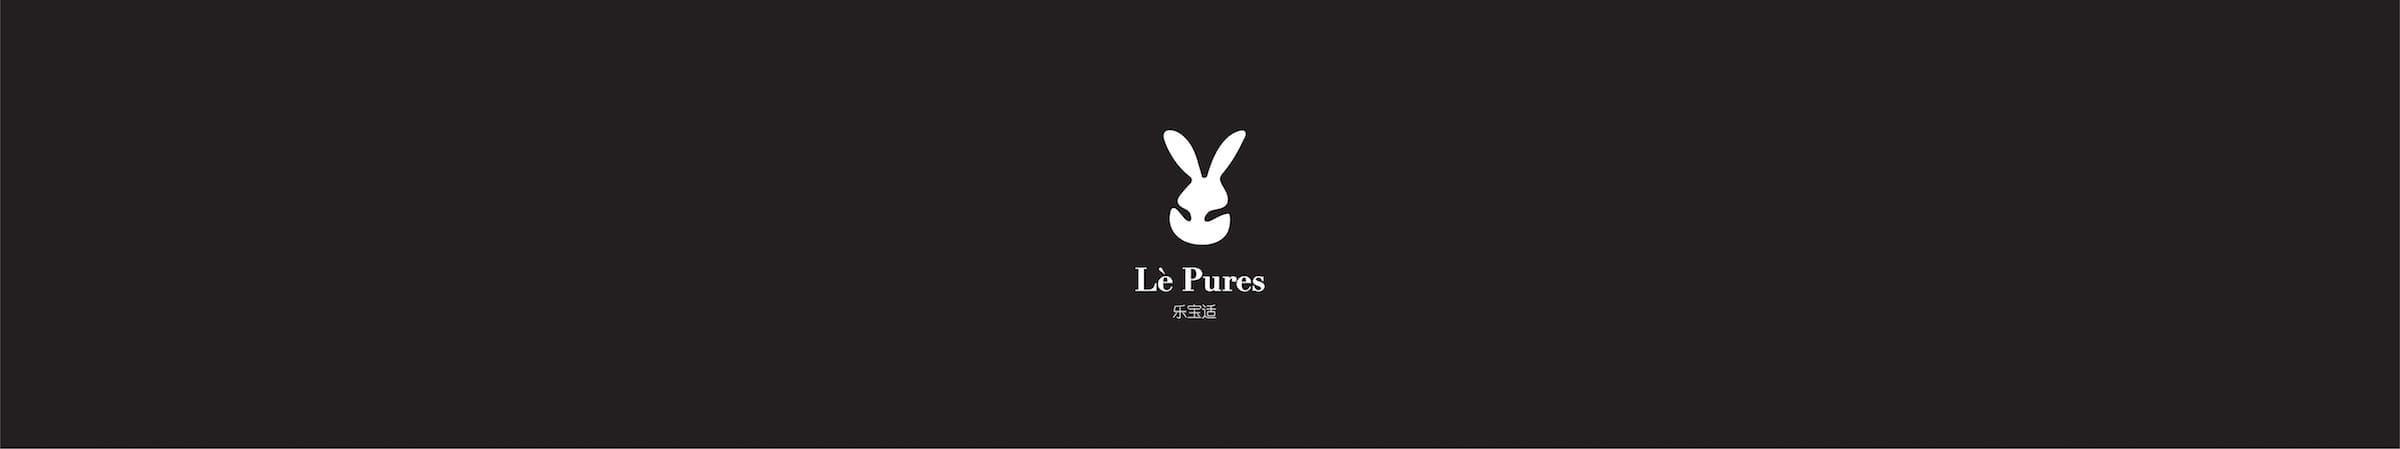 le pures logo dark